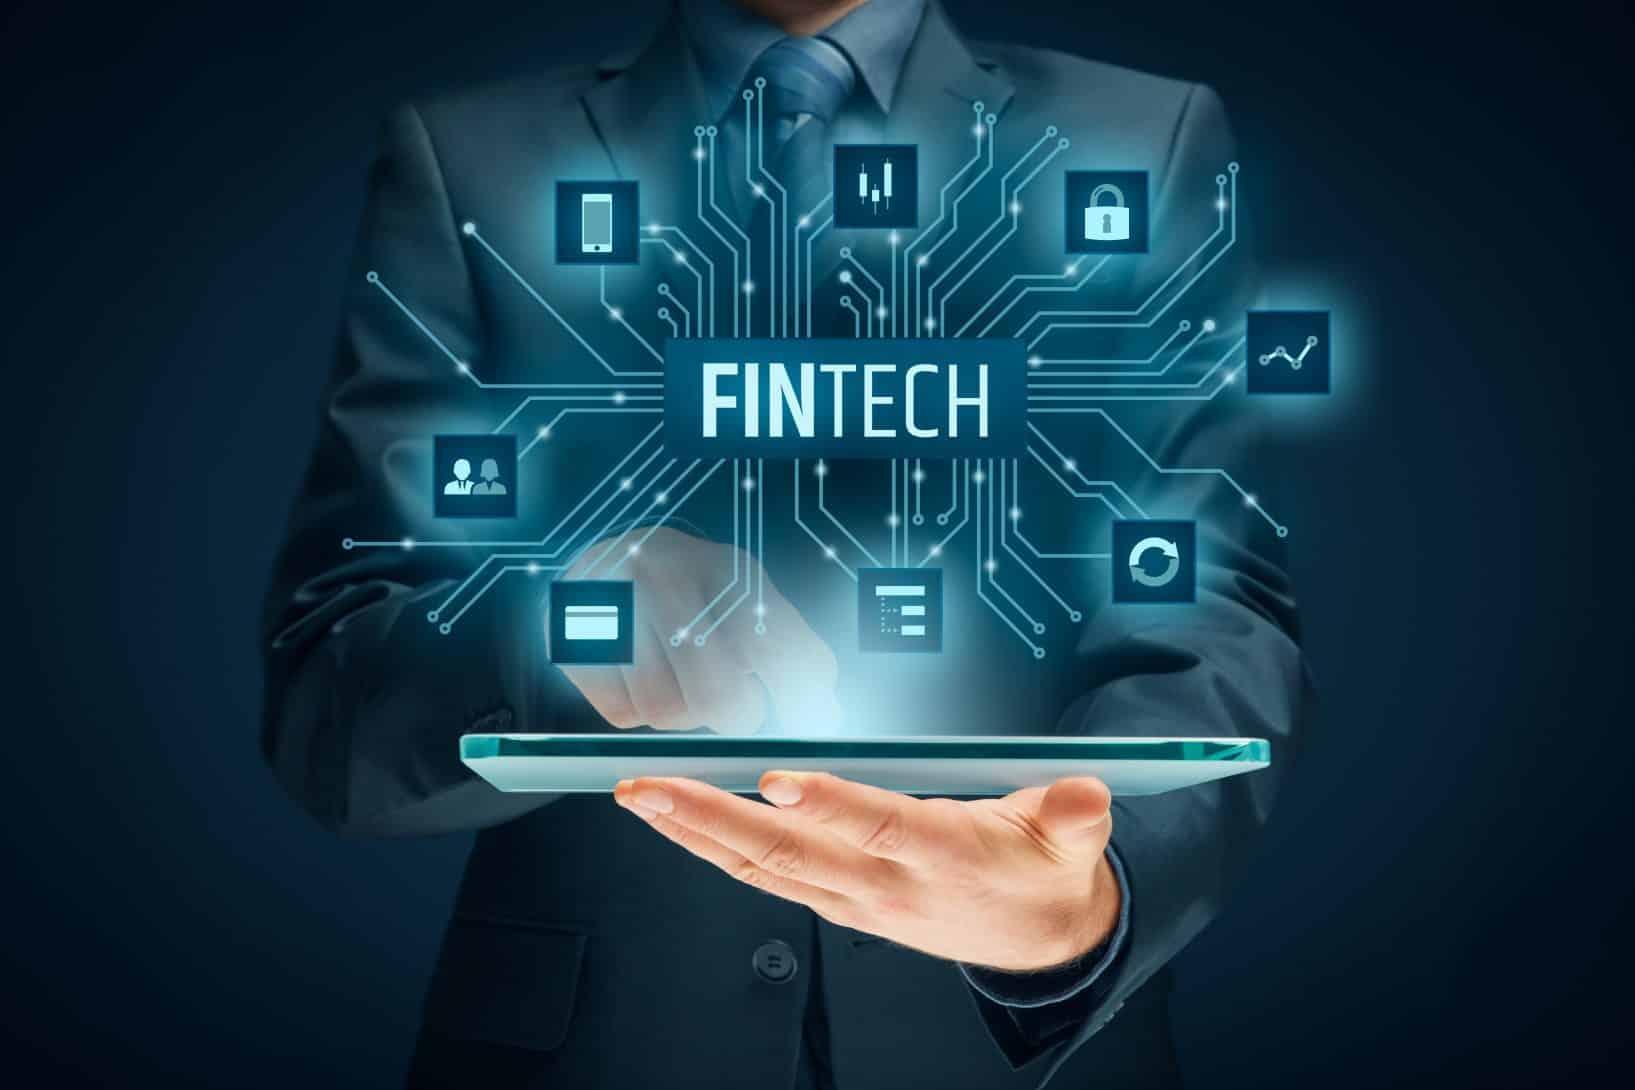 Fintechs x bancos tradicionais: descubra quais são as principais vantagens do sistema digital